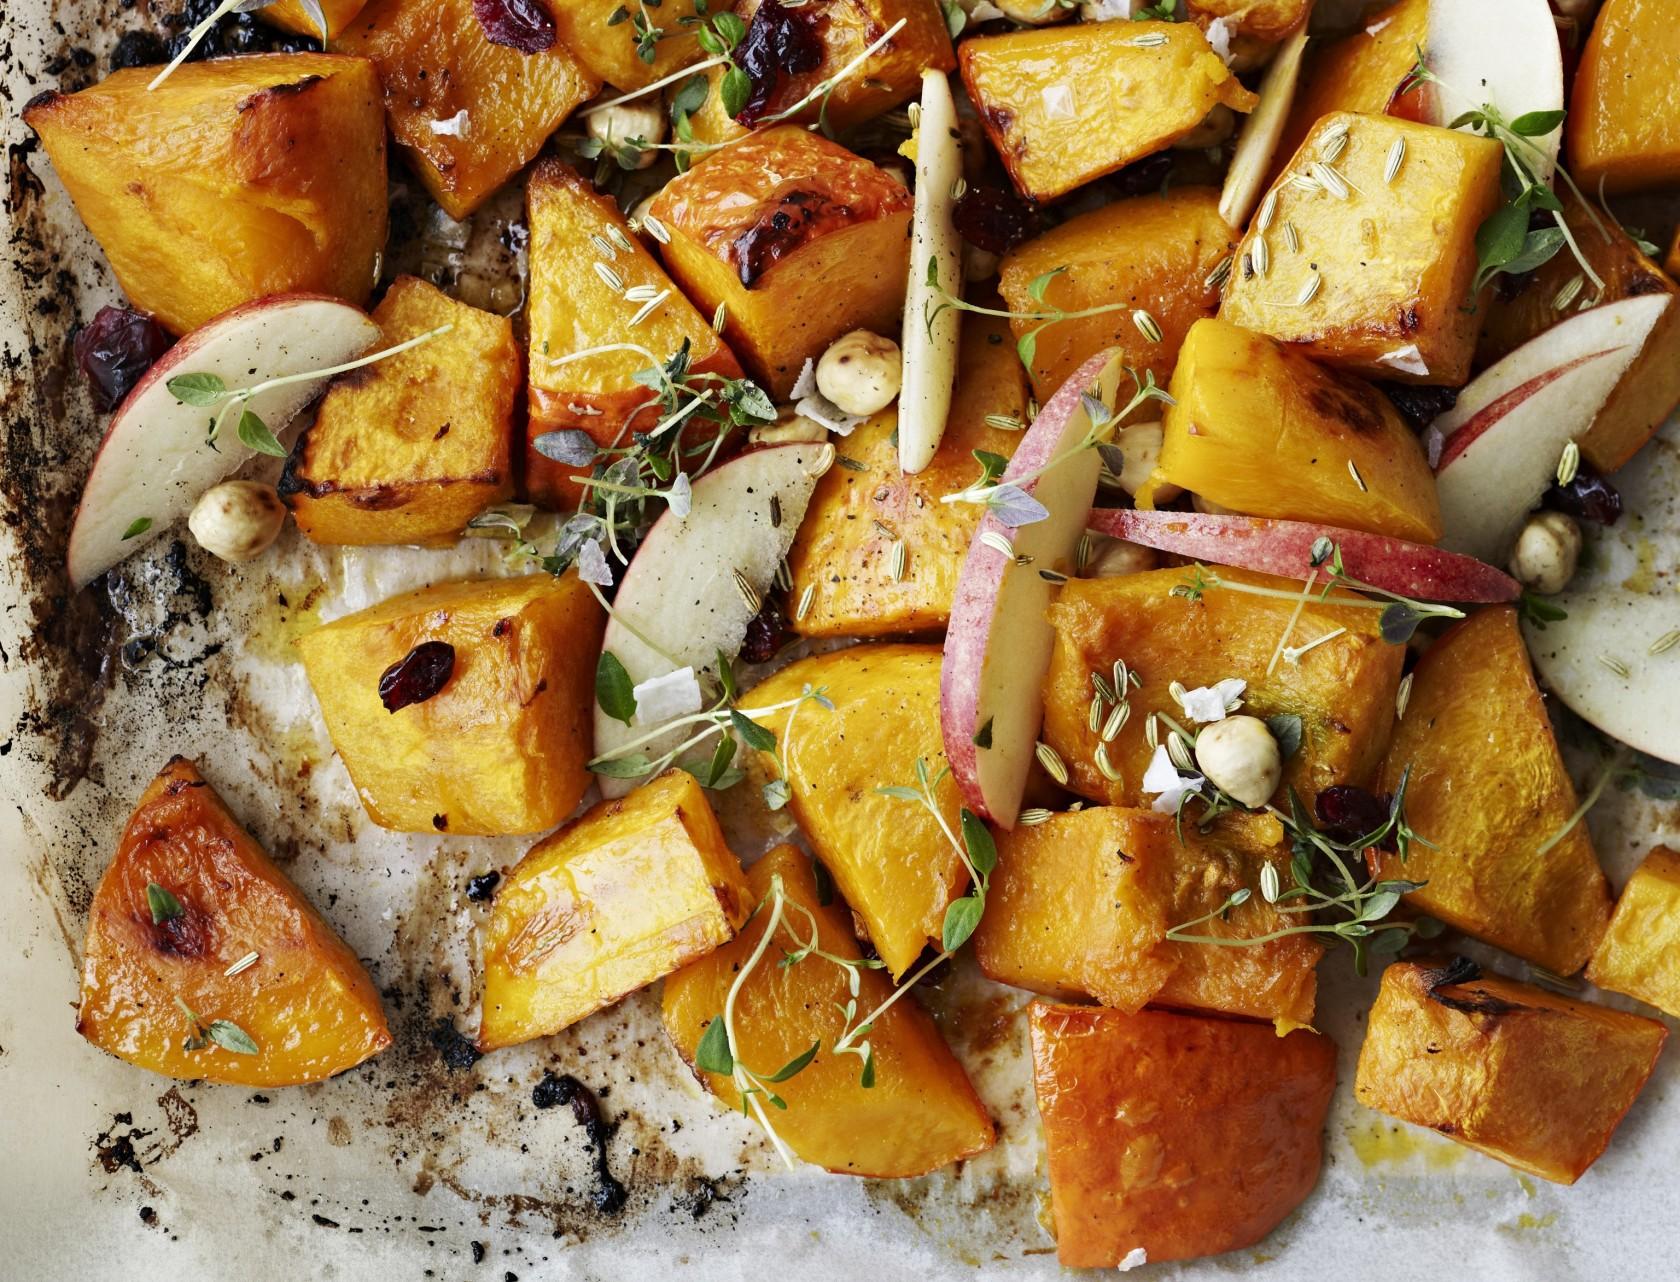 Bagt græskar med æbler og nødder - god opskrift på lækkert tilbehør.